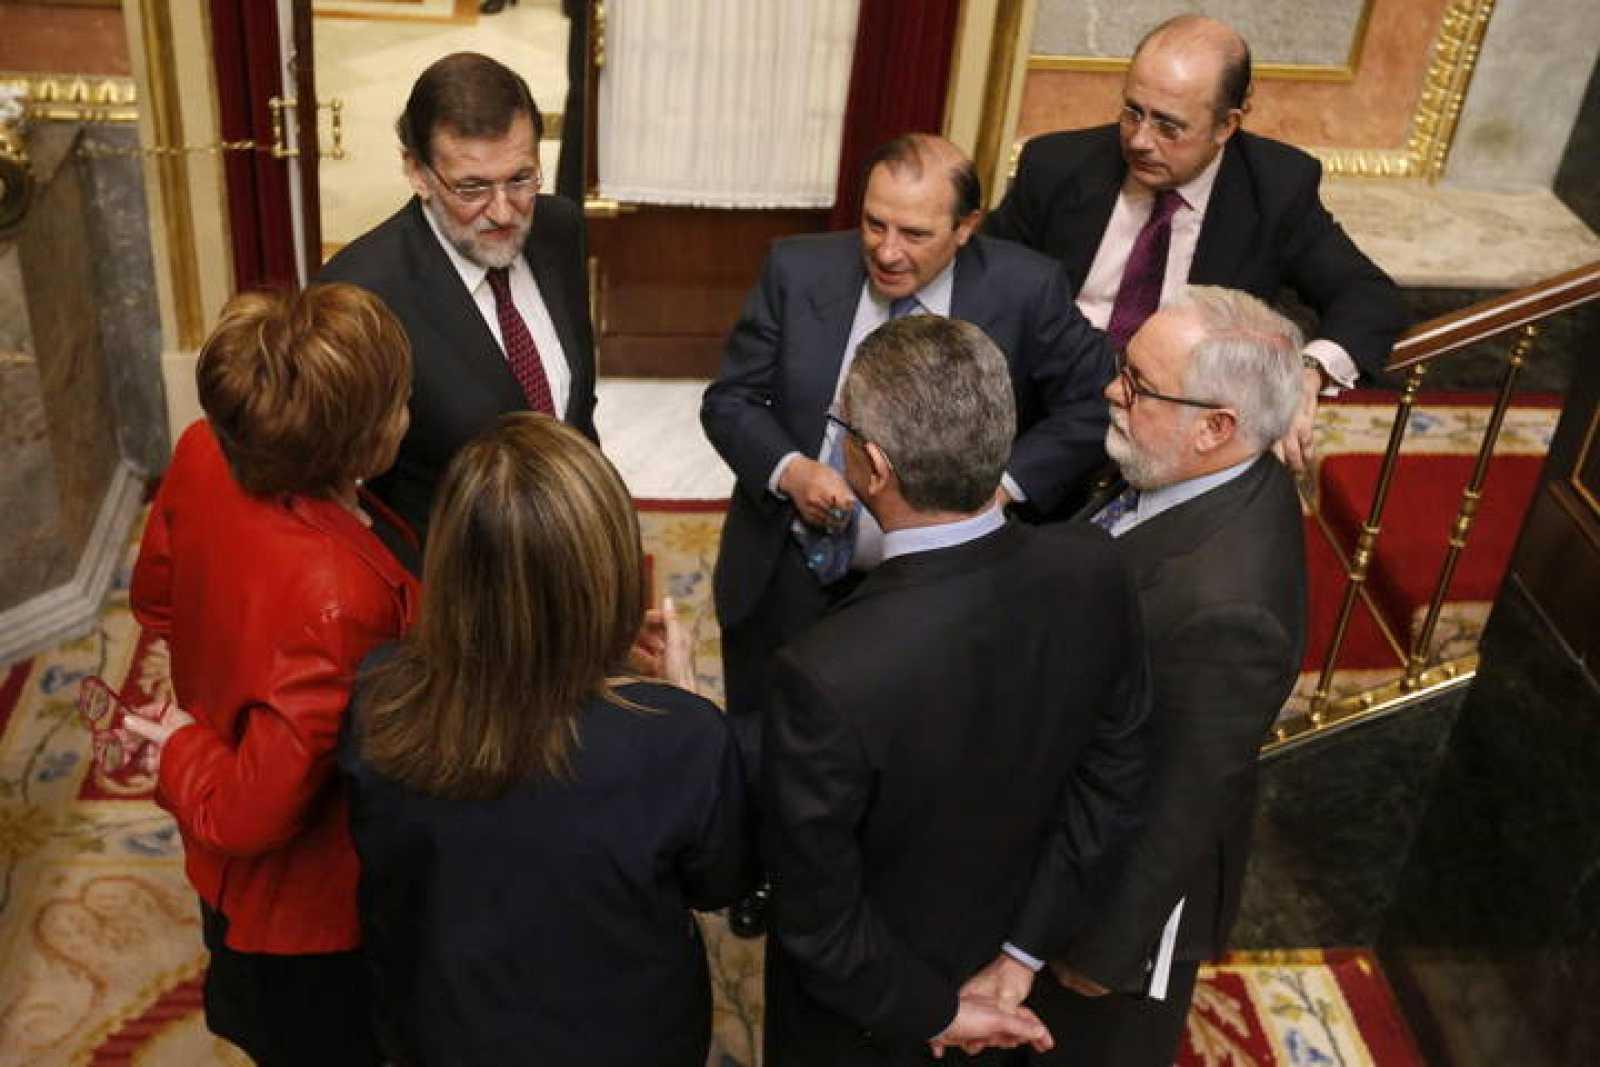 El presidente del Gobierno, Mariano Rajoy, con la vicepresidenta del Congresoy varios ministros, en el pleno del Congreso.